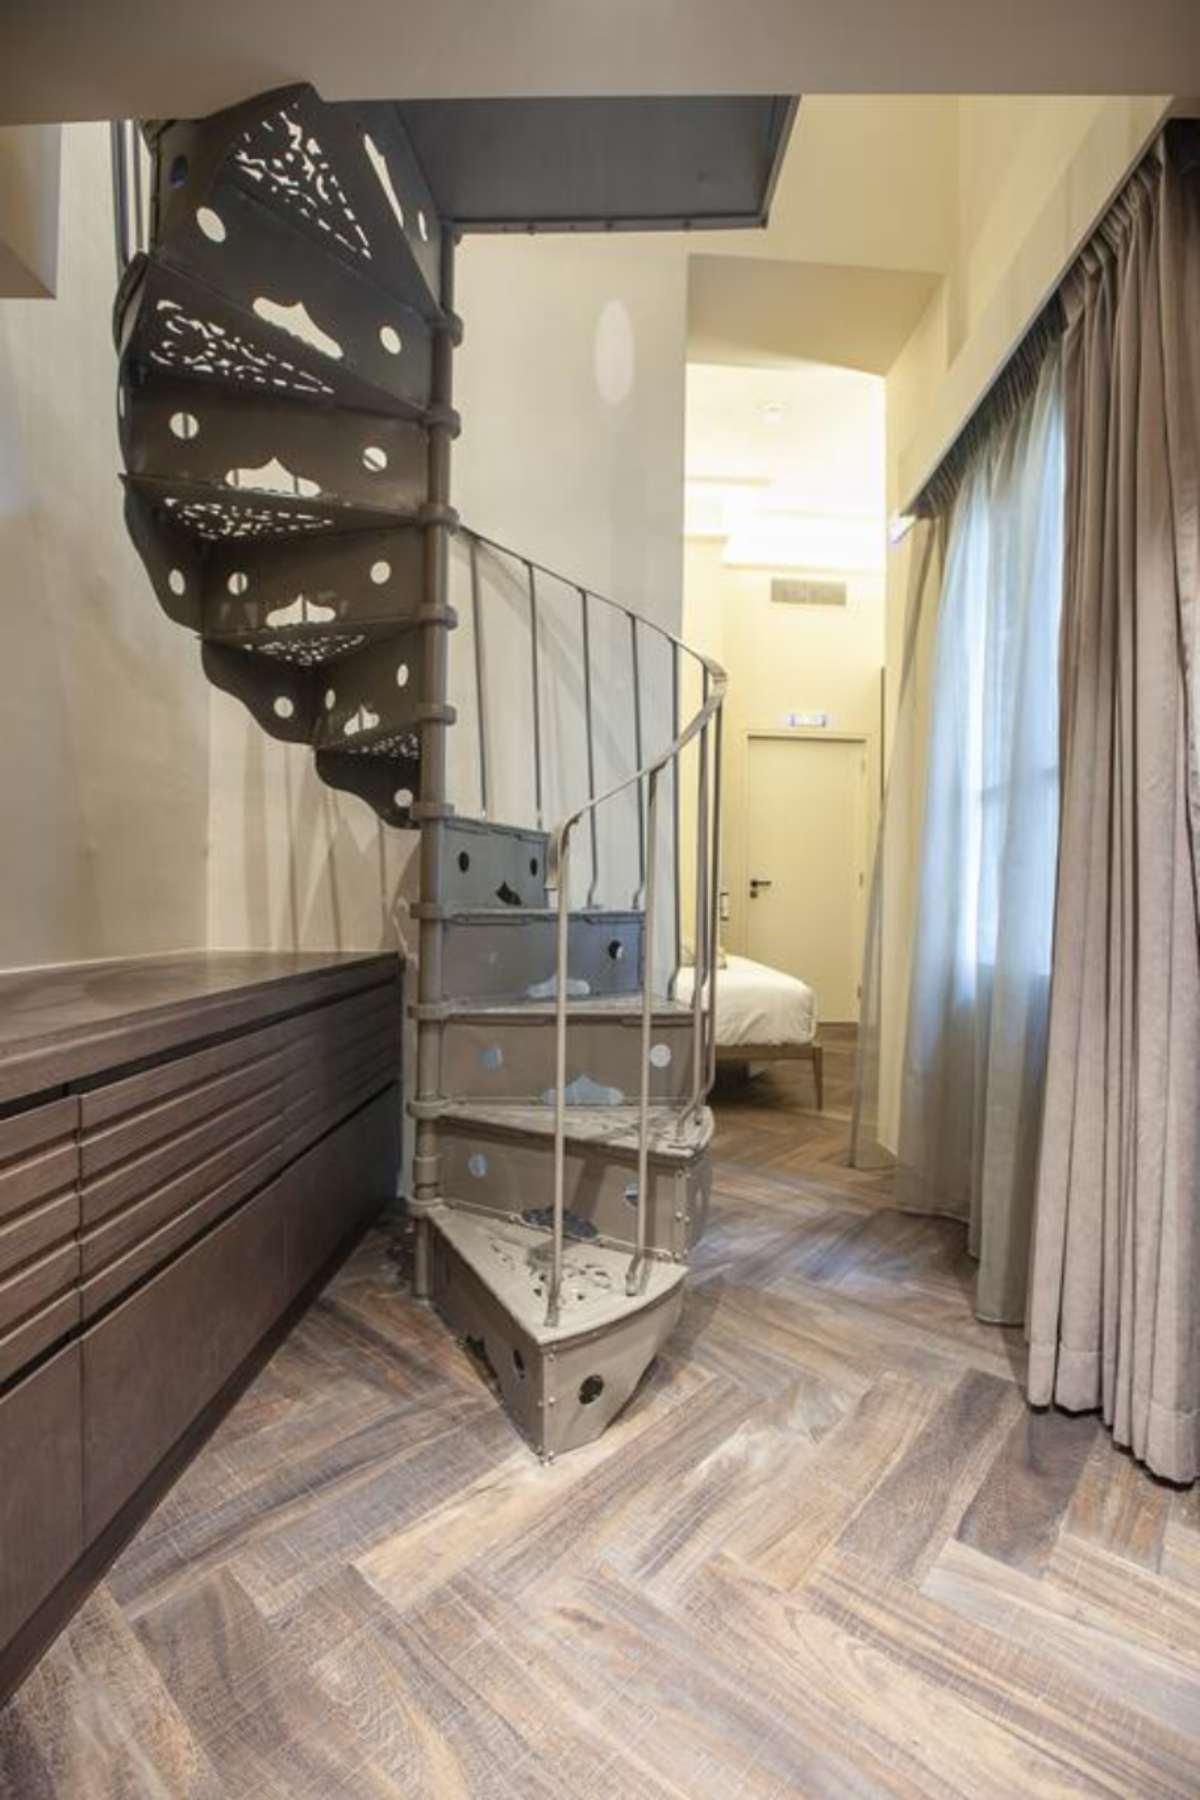 athens 1890 boutique hotel Αθηνα δωμάτιο σουίτα σκάλα